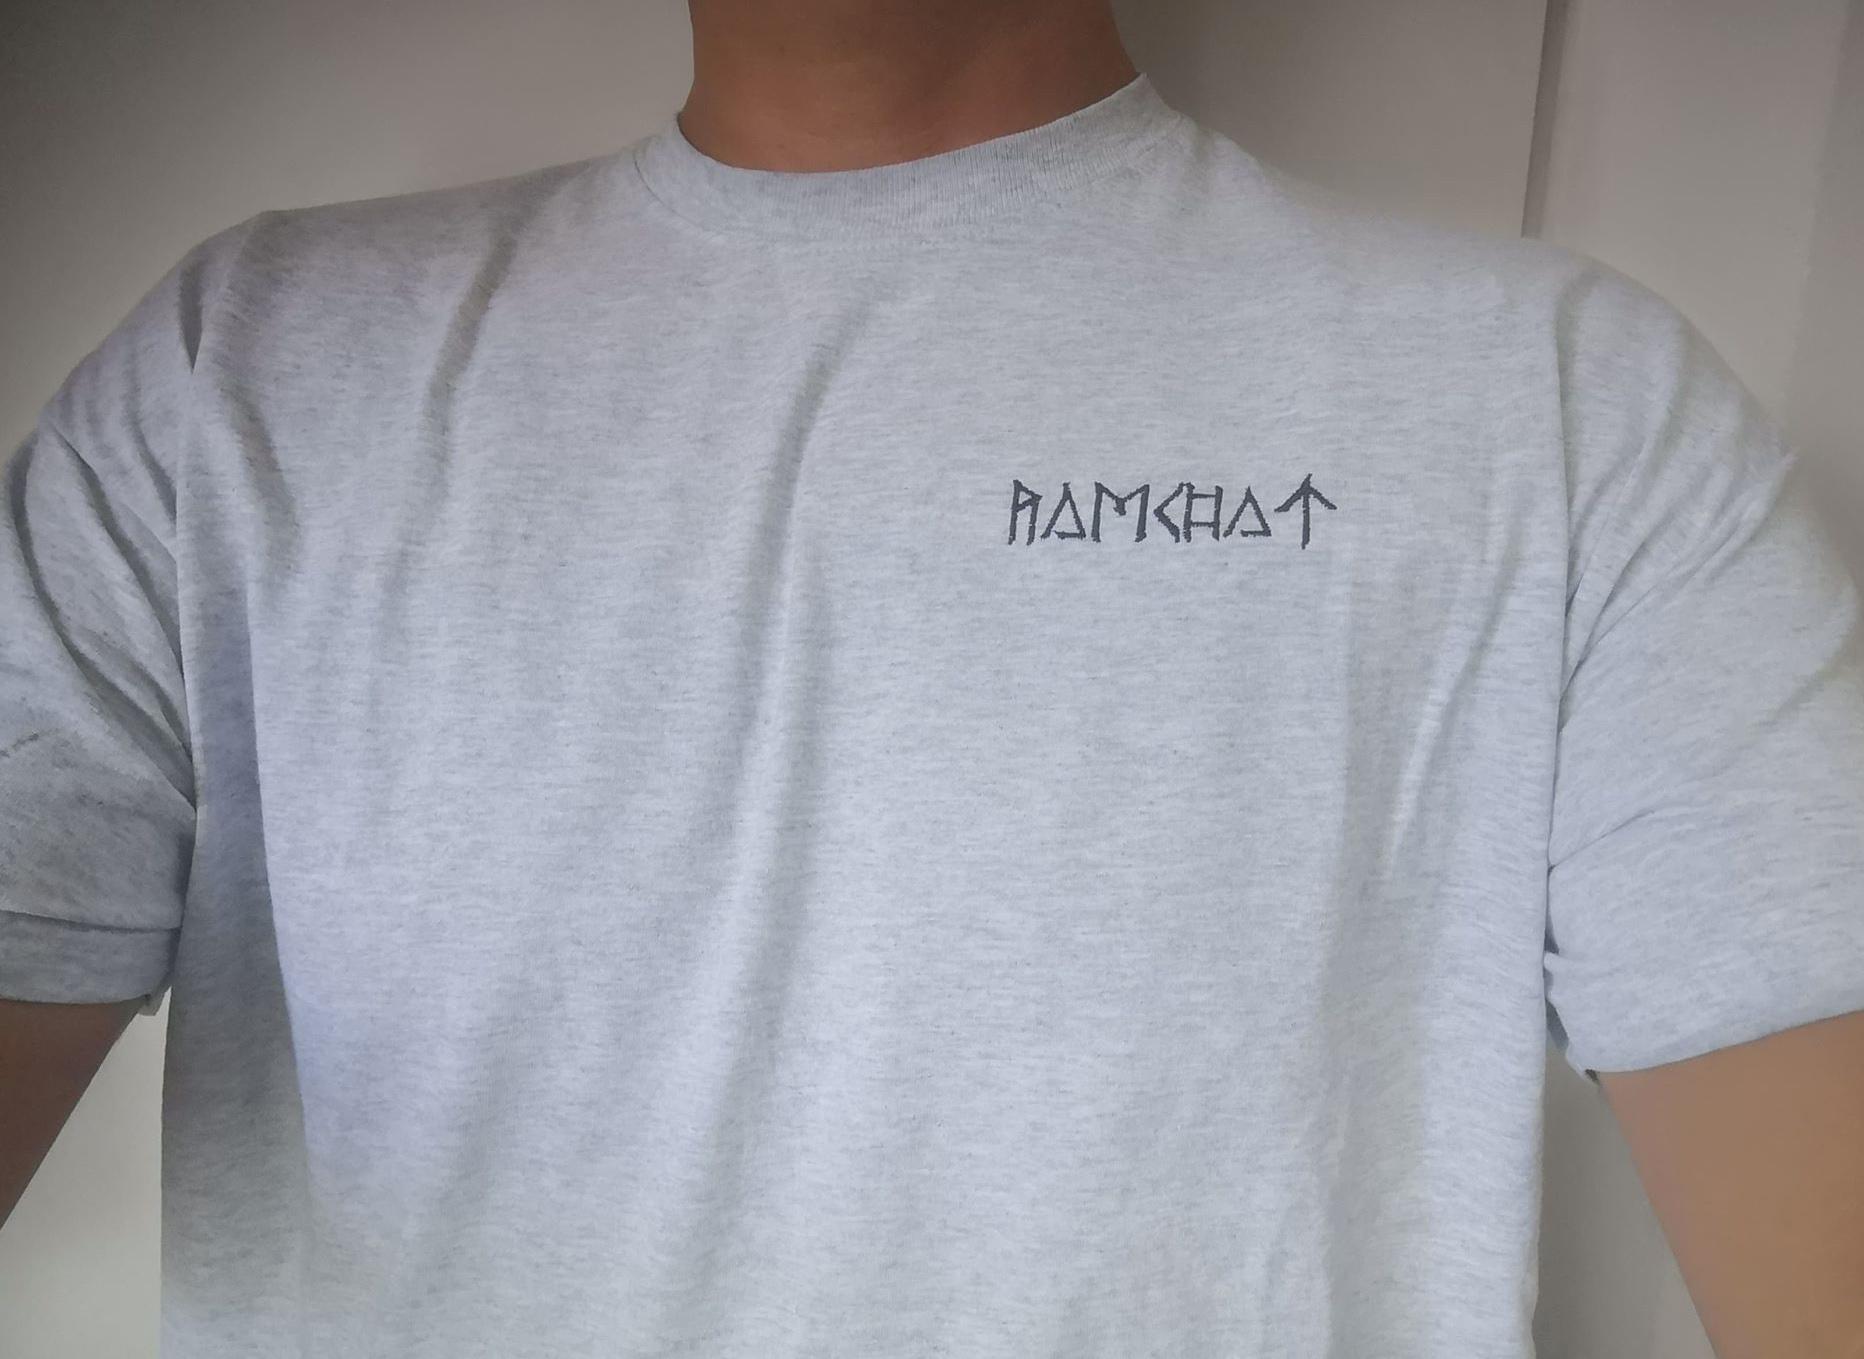 RAMCHAT 01 - kruhové logo - Ramchat